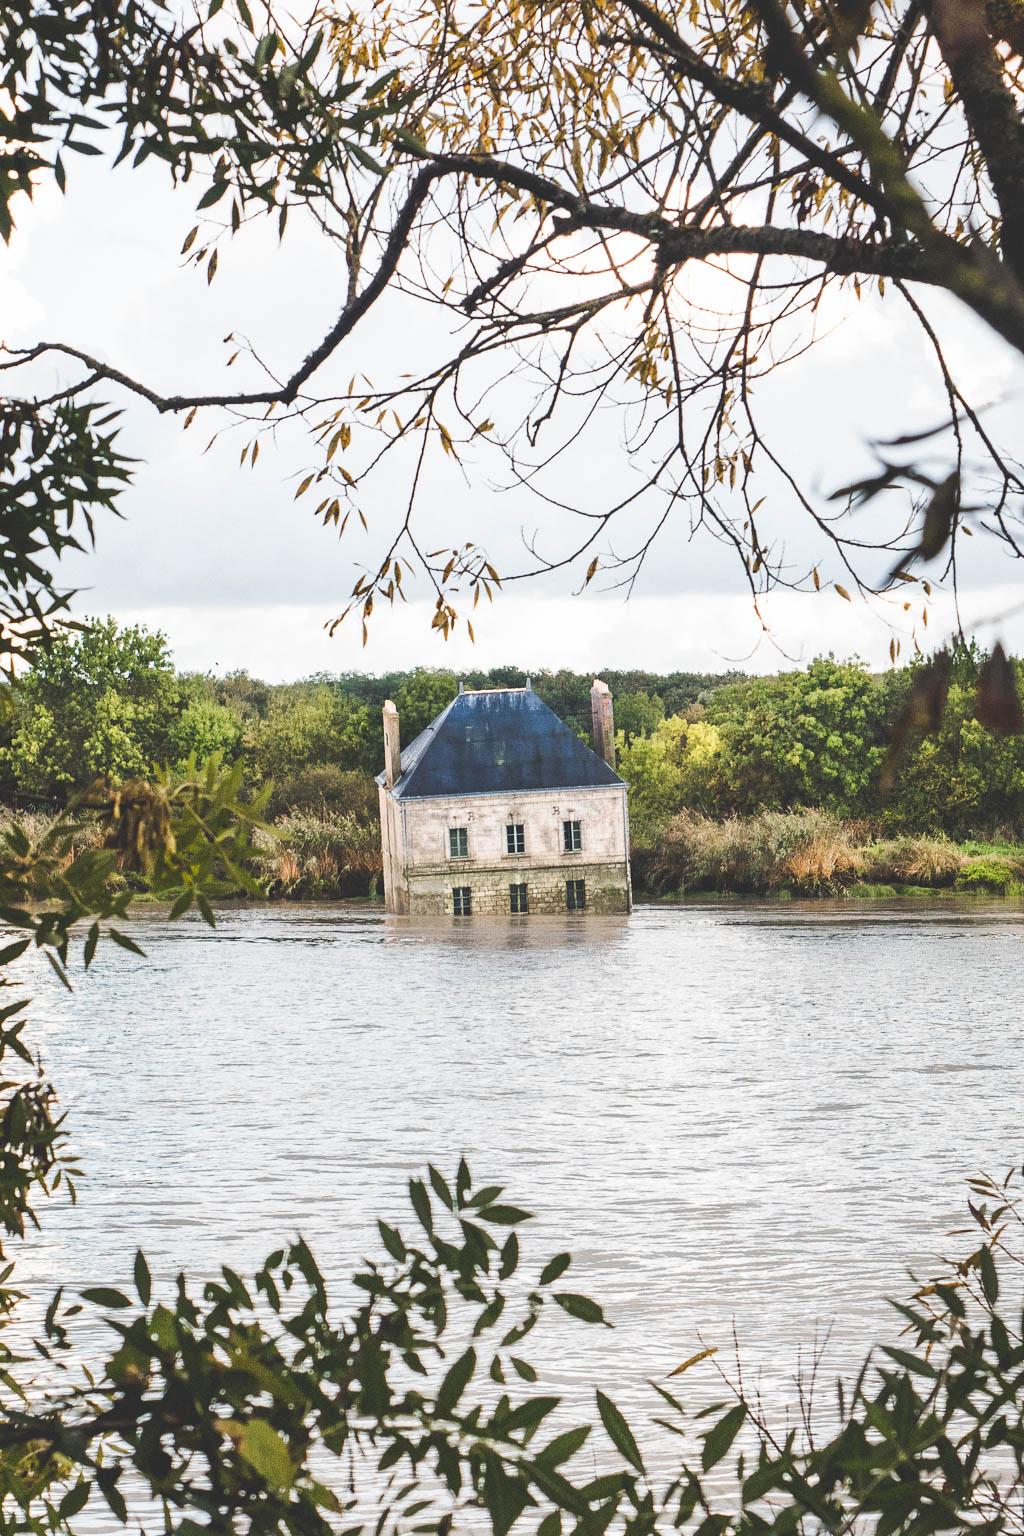 Maison dans la Loire Estuaire Kunst am Fluss Nantes Frankreich